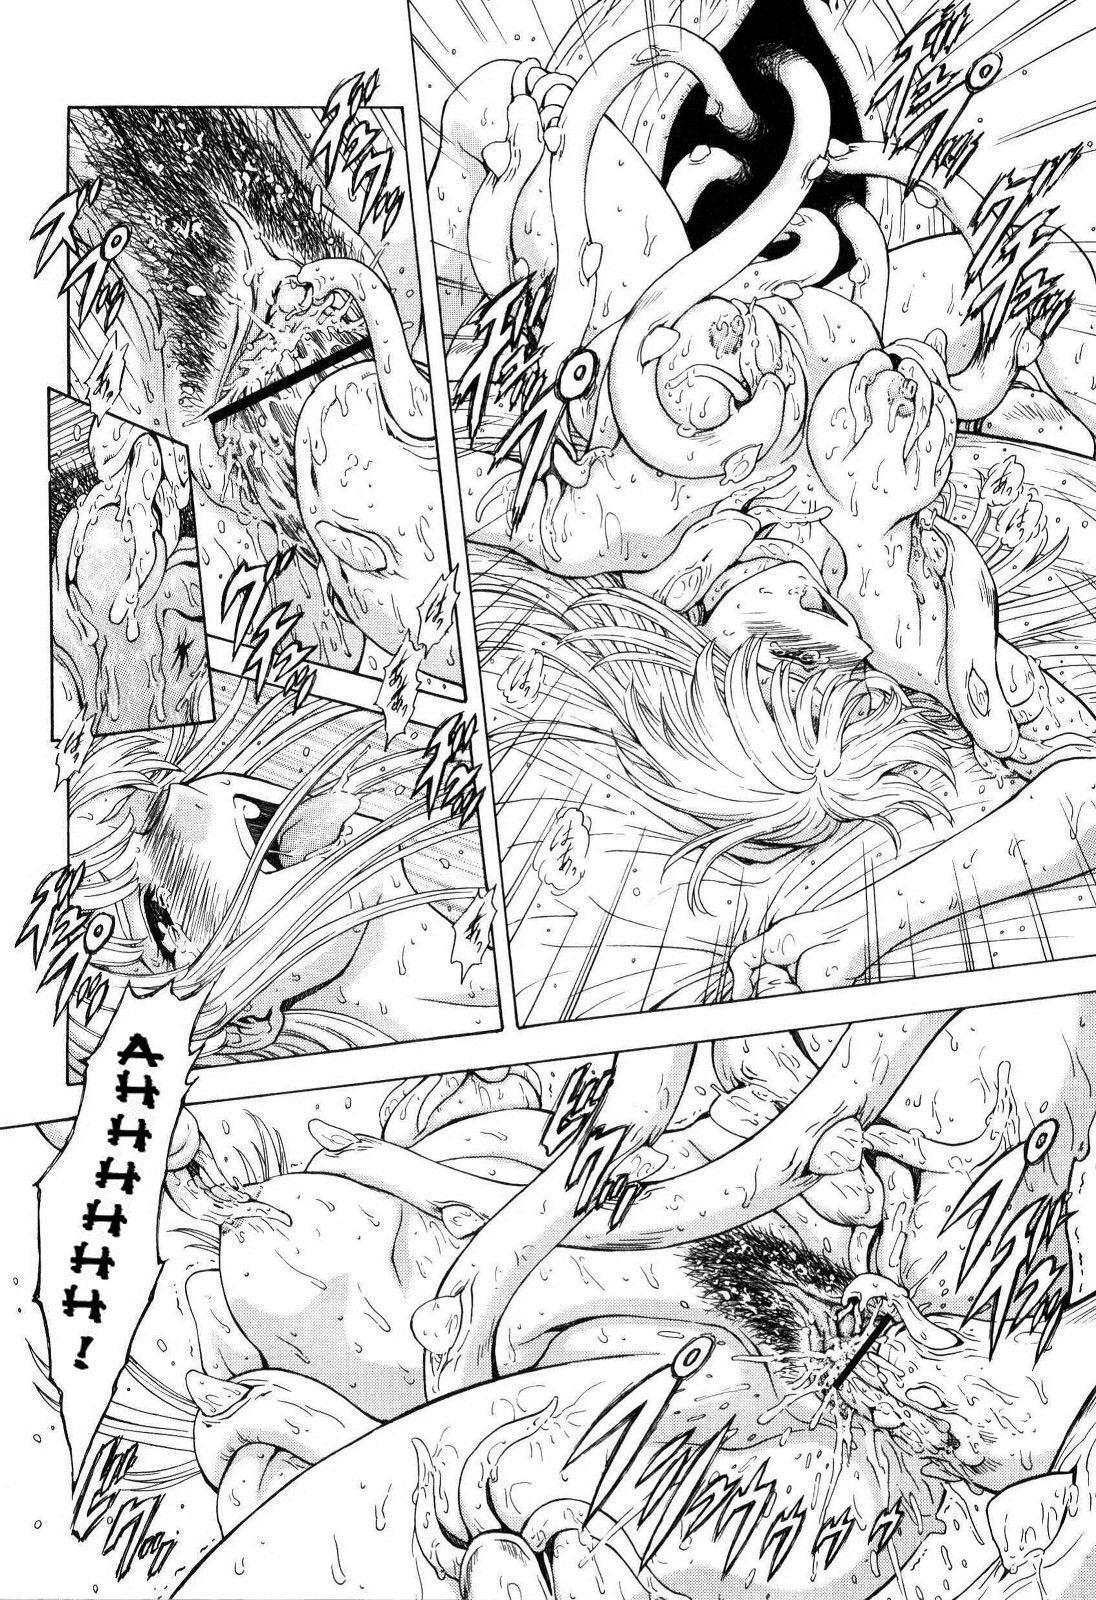 Ginryuu no Reimei   Dawn of the Silver Dragon Vol. 4 122